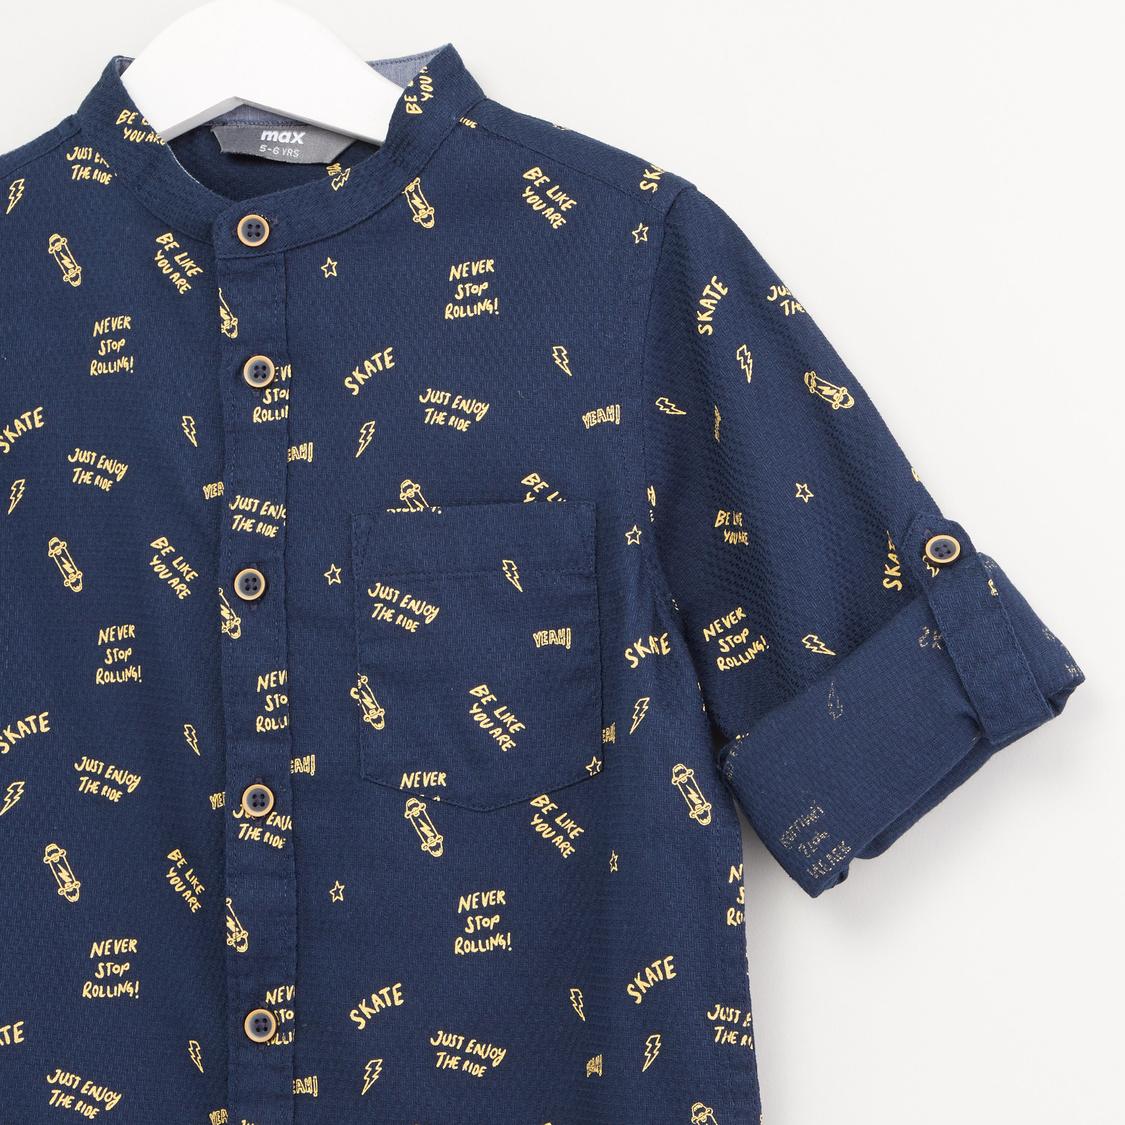 قميص بياقة ماندارين وأكمام طويلة وطبعات كتابية